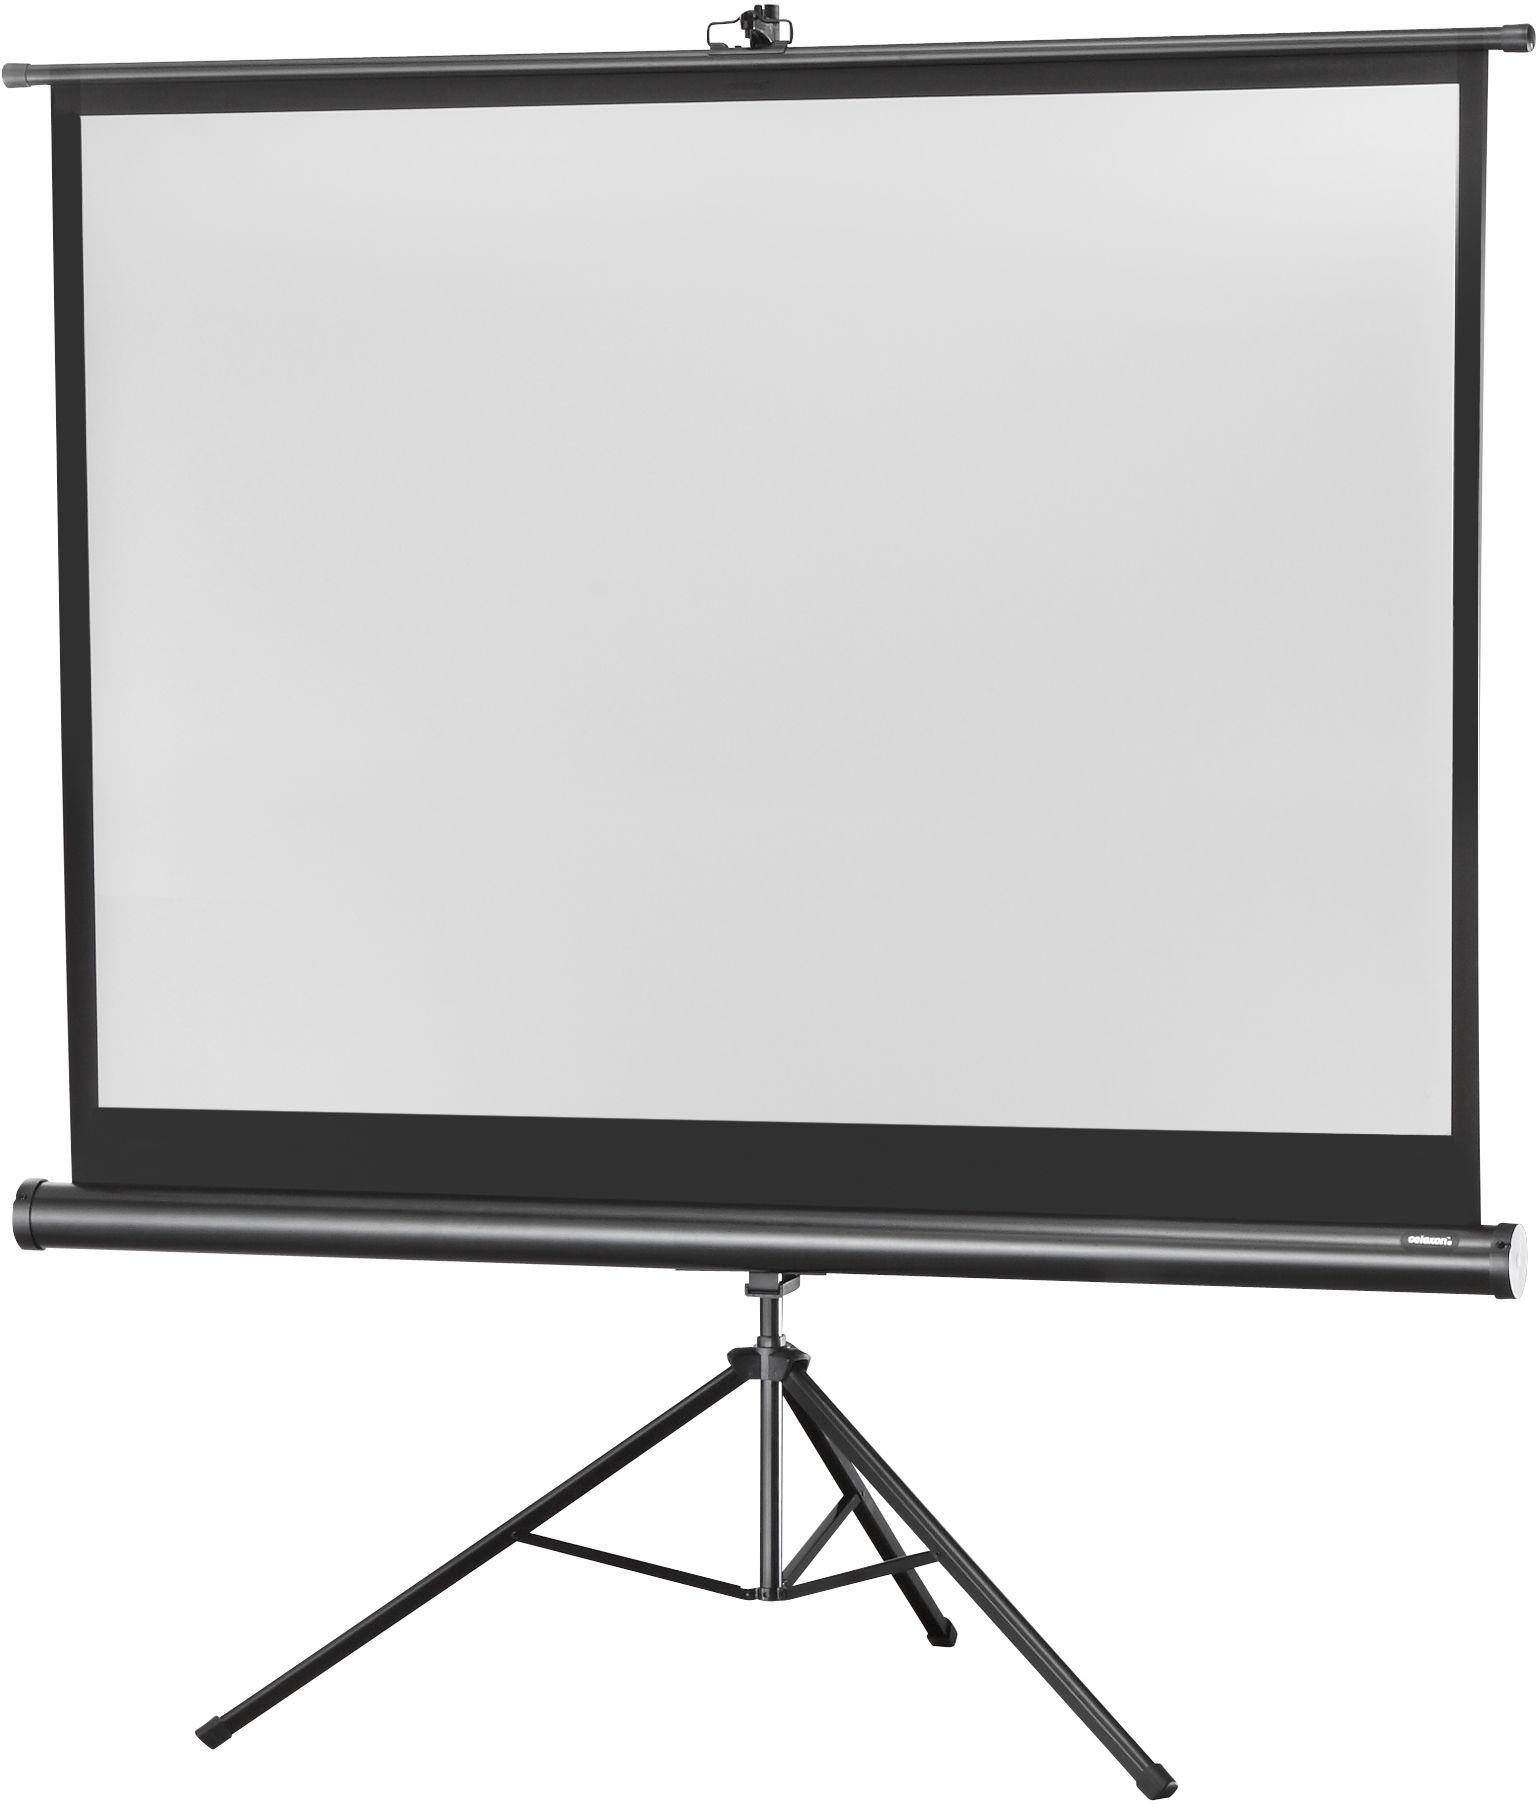 celexon Economy 211 x 160 cm ekran projekcyjny na trójnogu